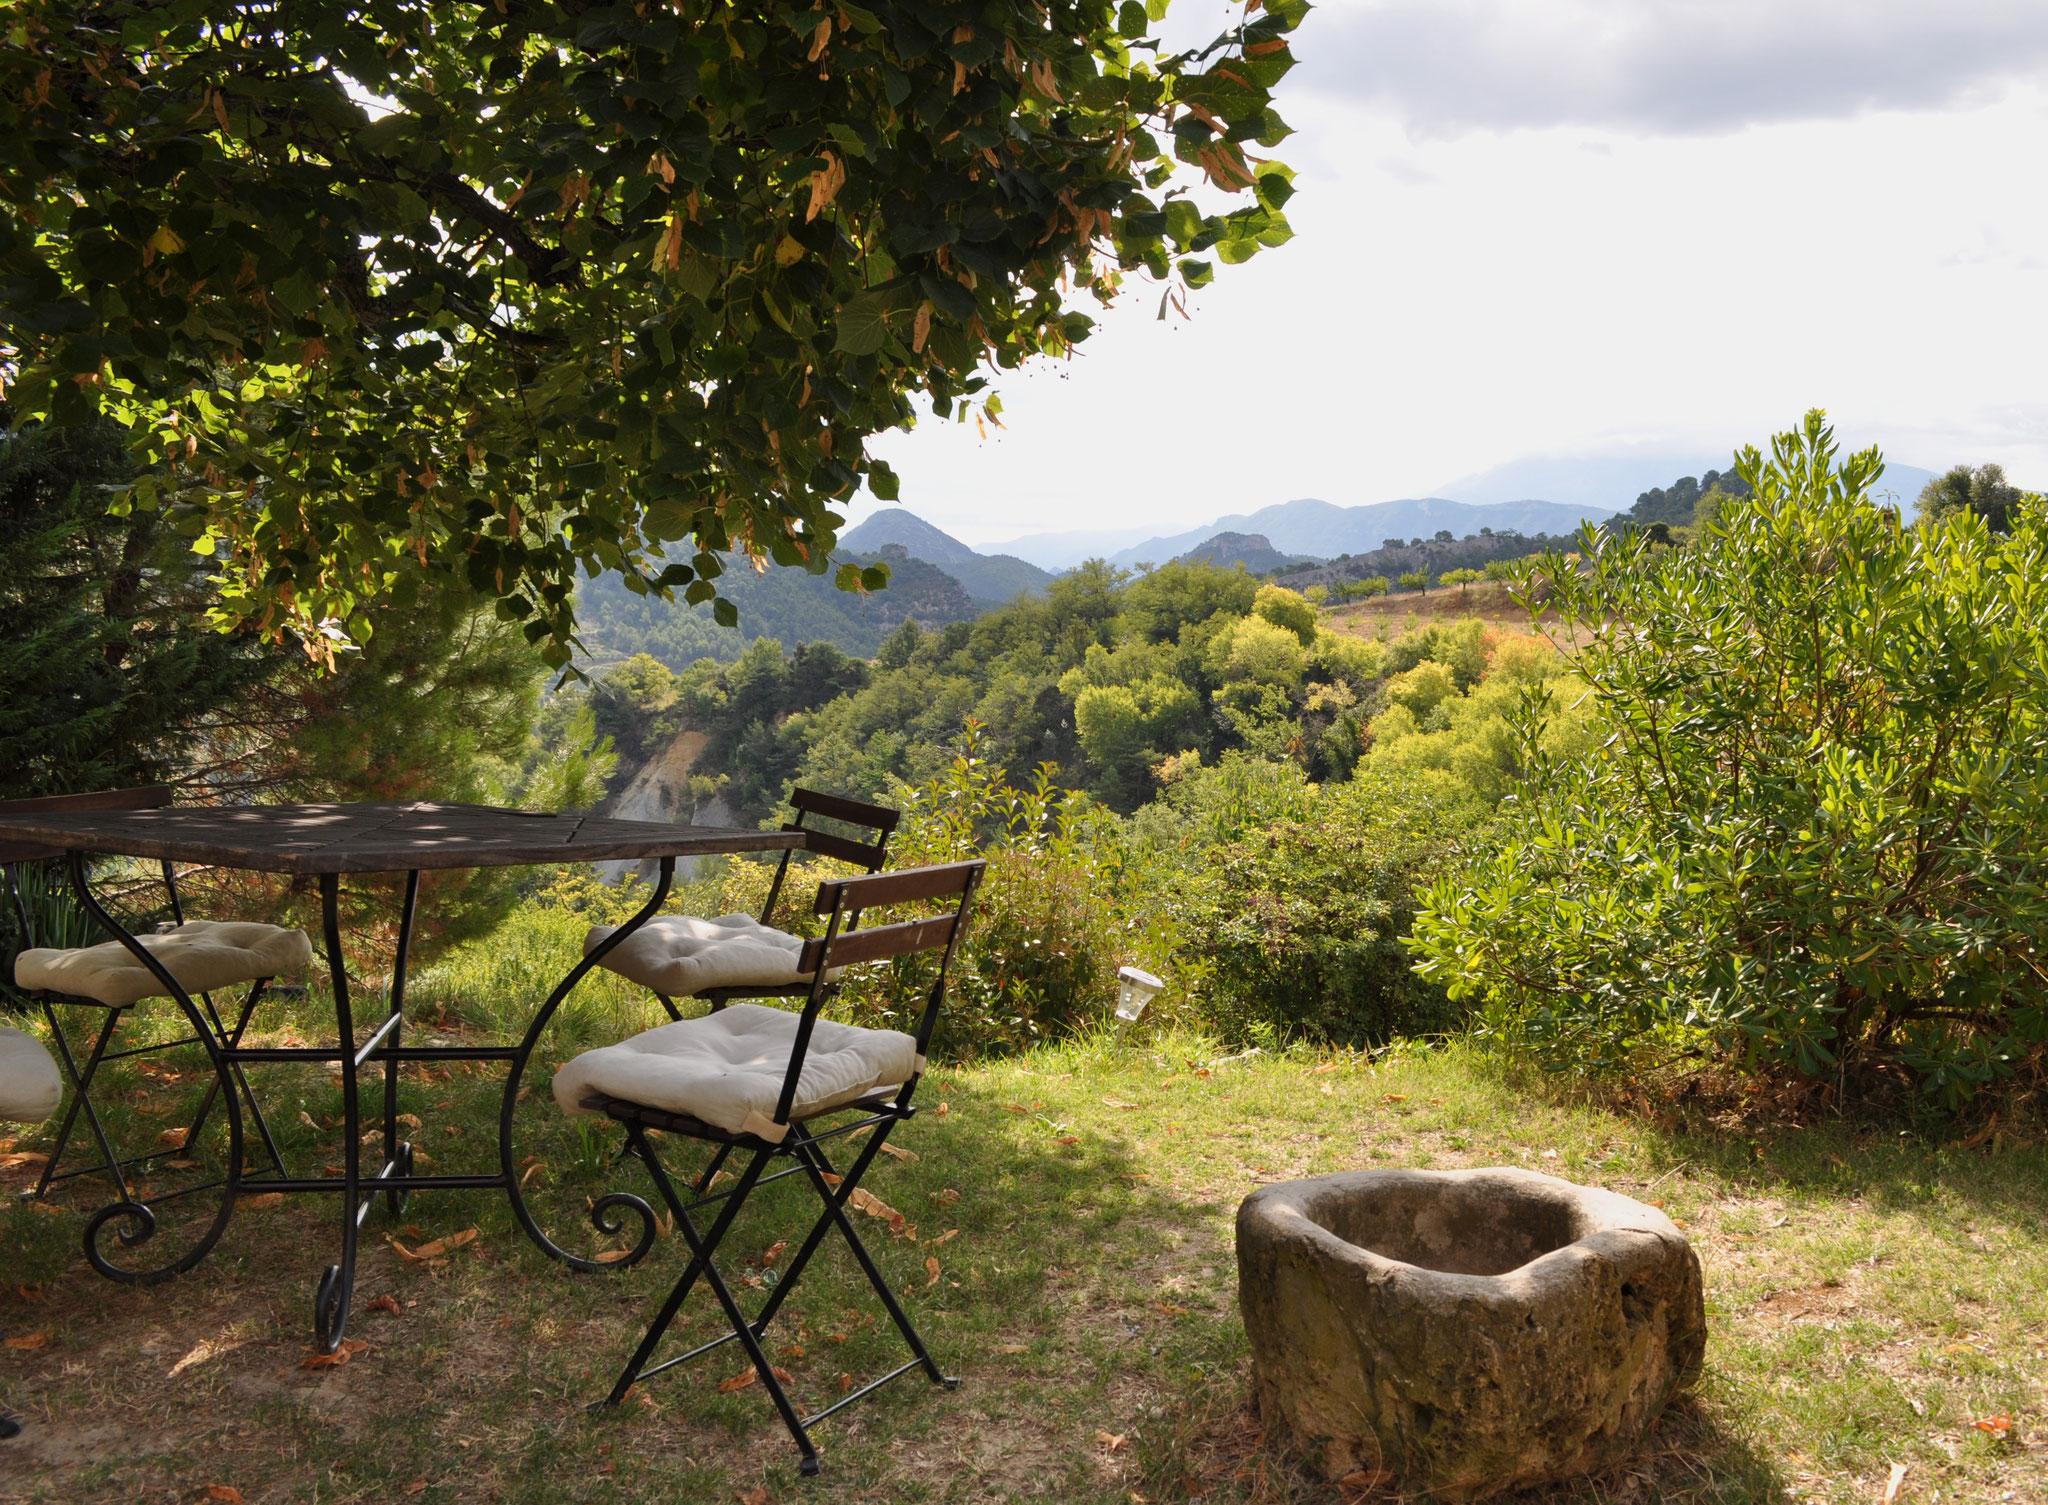 Aux Fleurs de Tilleul - ein fast romantischer Sitzplatz unter der Linde